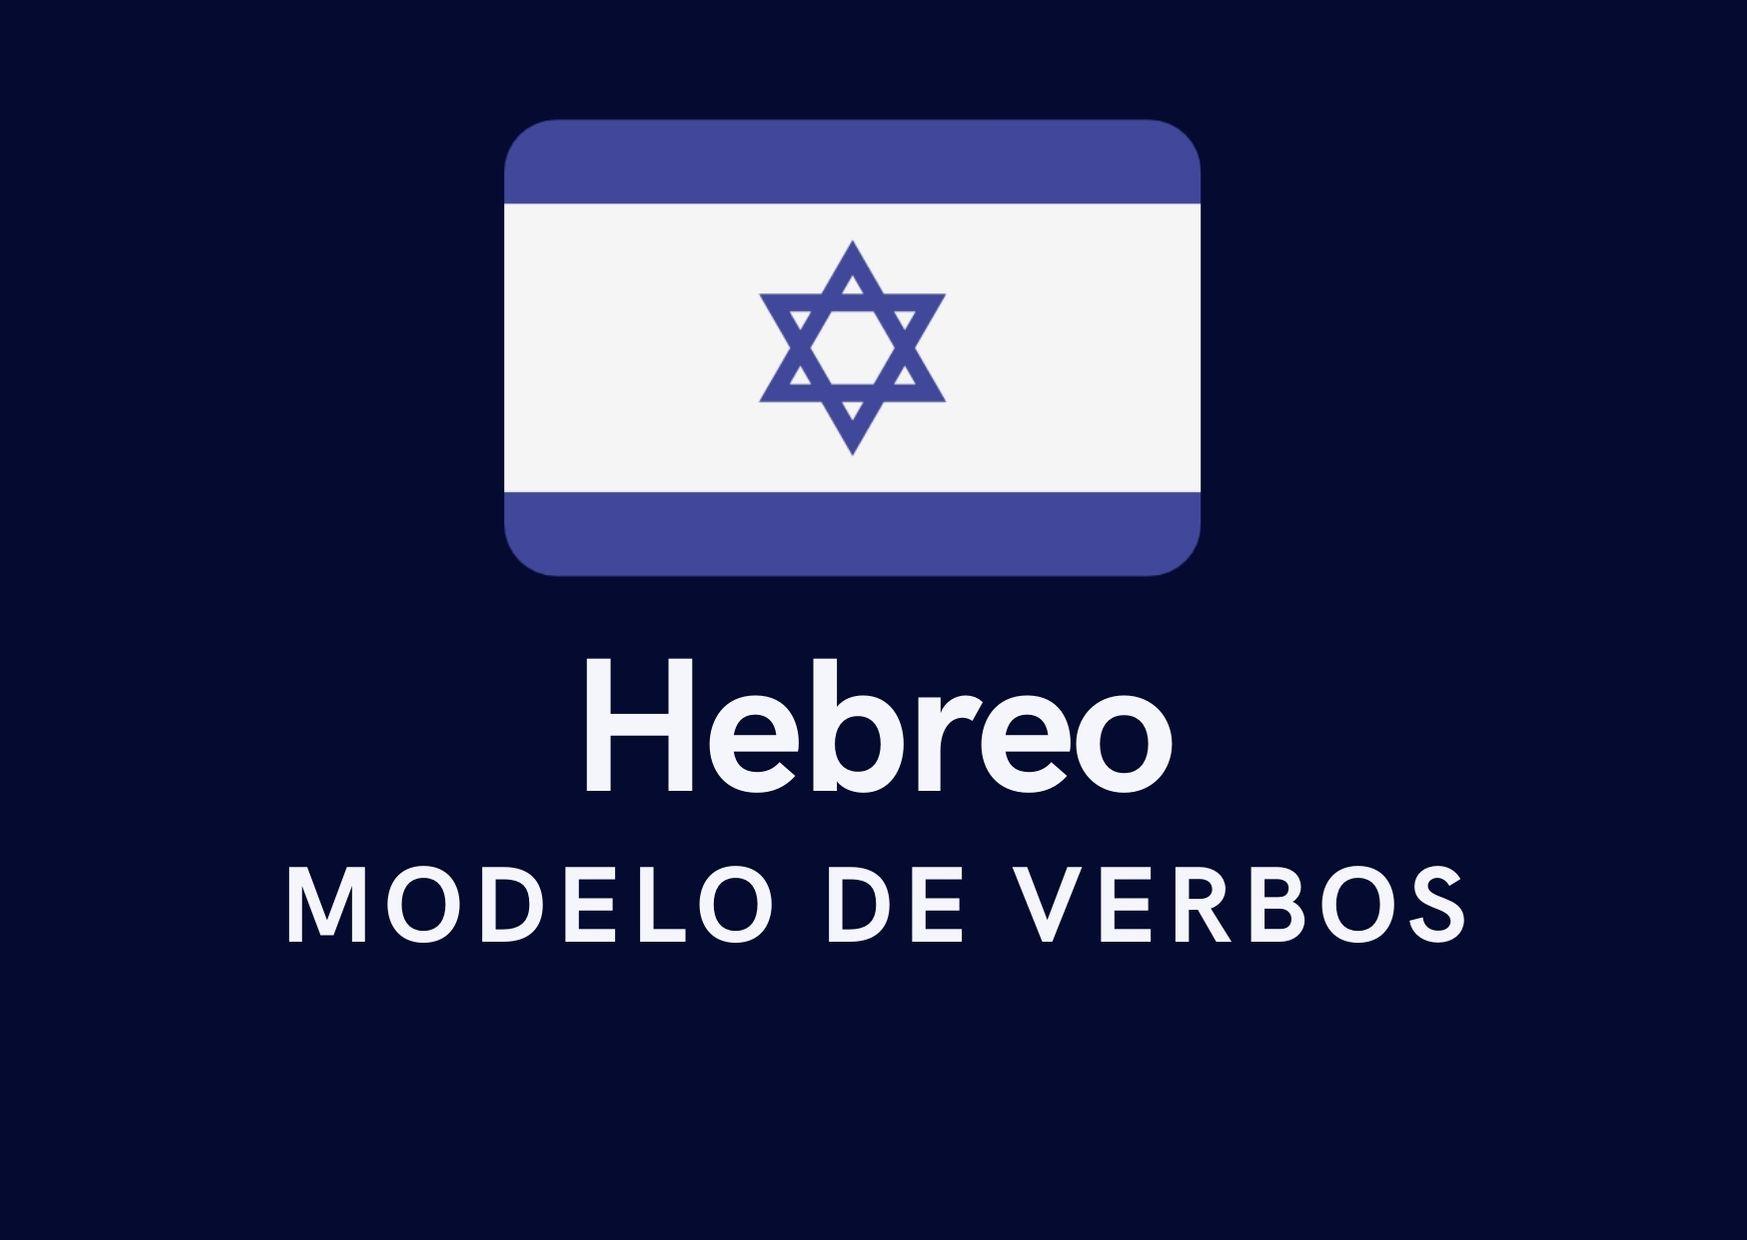 Course Image Modelos de verbos